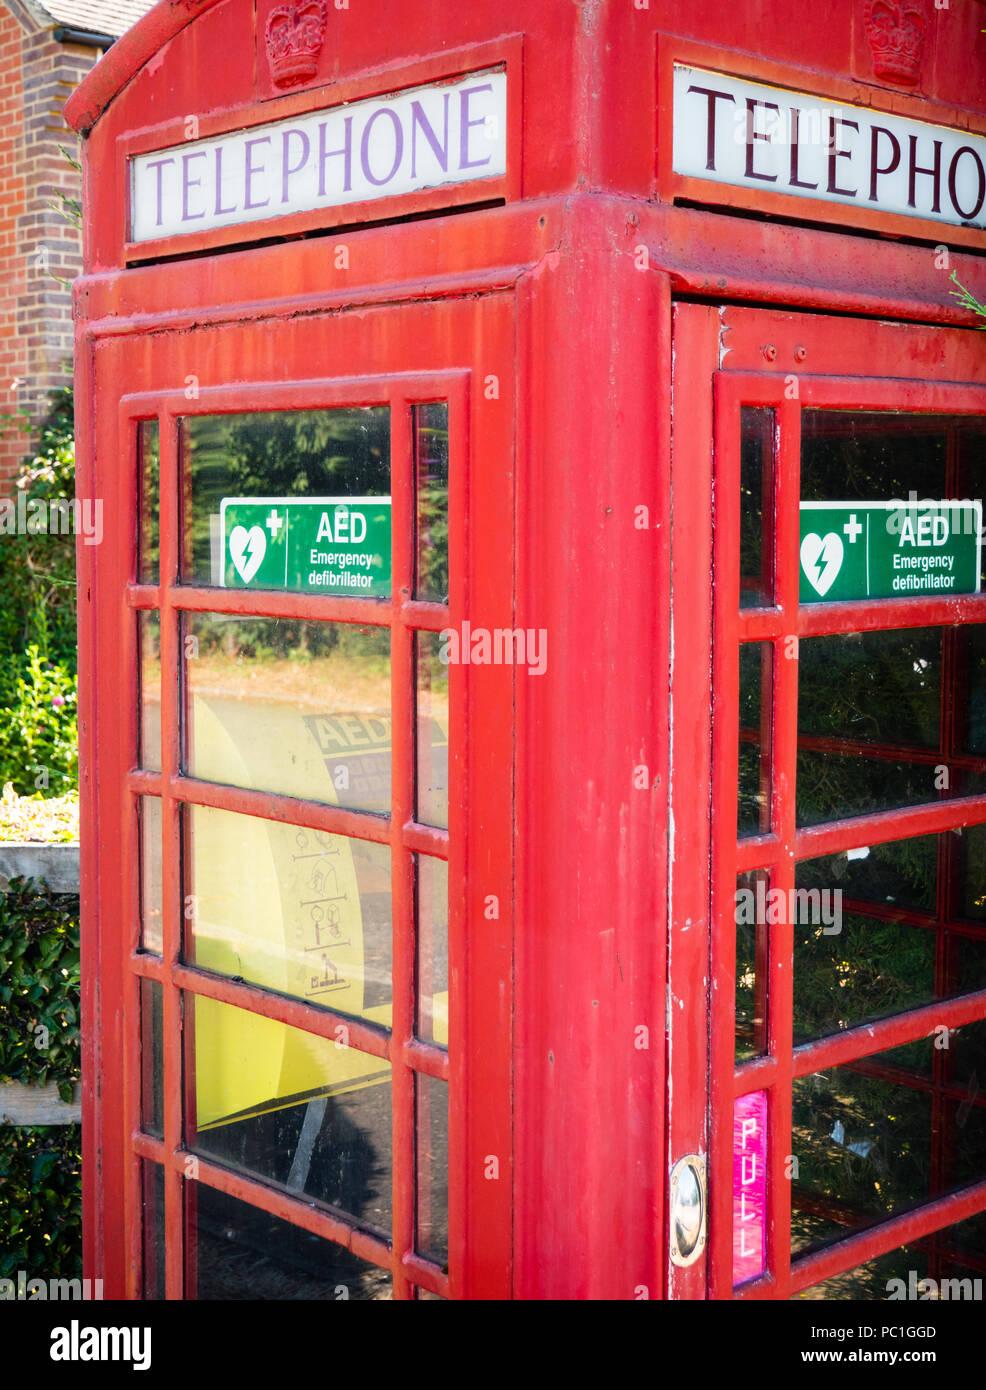 Rural Defribulator, in Telephone Box, Cholsey, Oxfordshire, England, UK, GB. - Stock Image